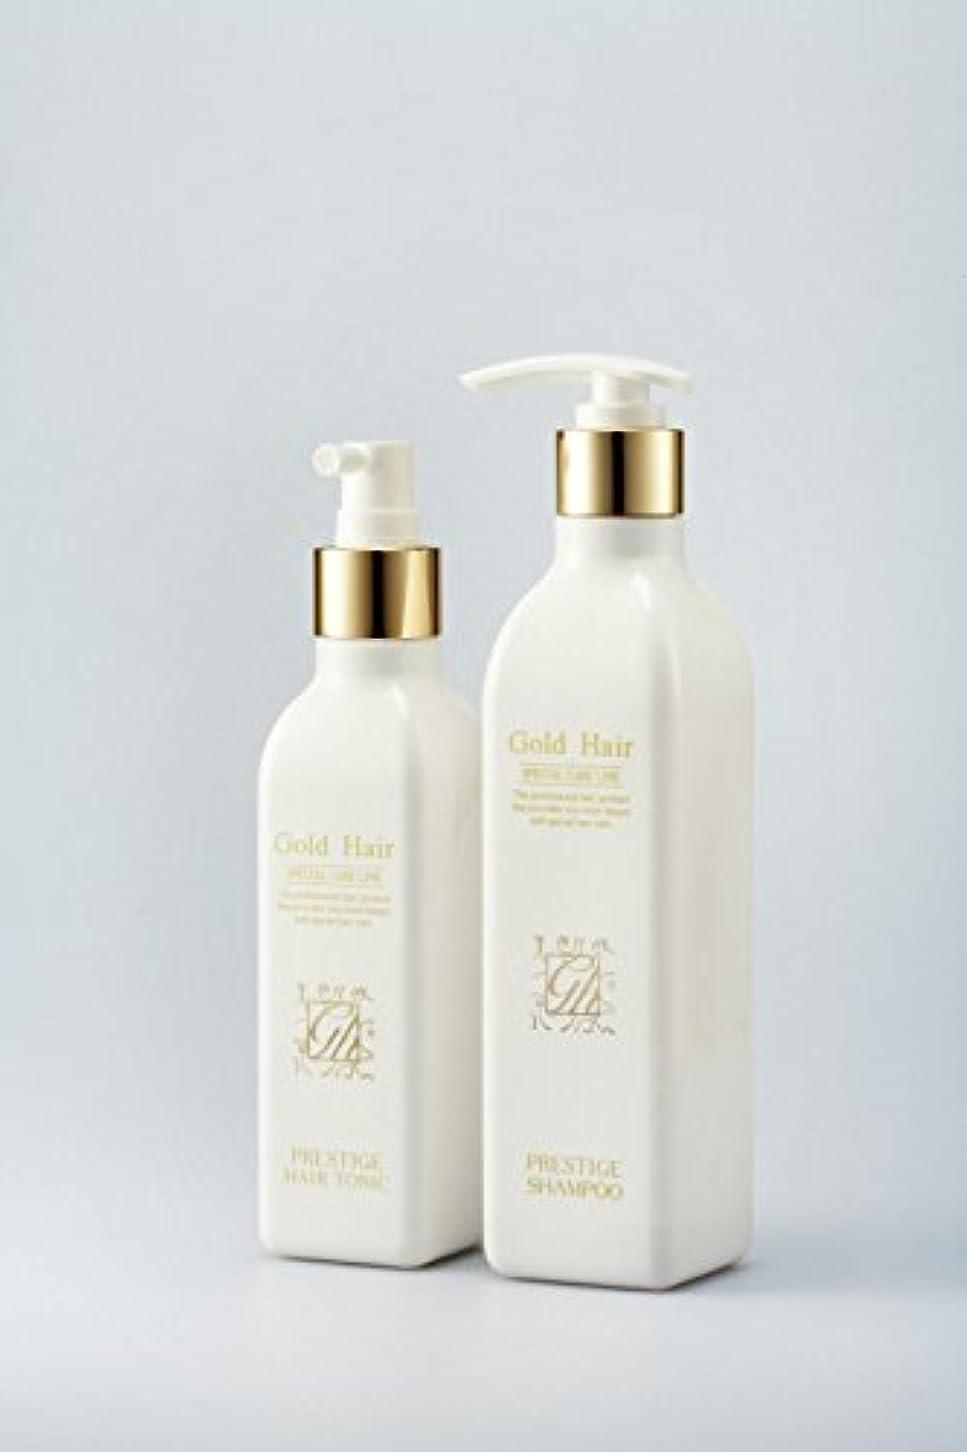 涙センチメートル熟達ゴールドヘア育毛シャンプー&トニック 漢方シャンプー /Herbal Hair Loss Fast Regrowth Gold Hair Loss Shampoox1ea & Gold Hair Oriental Herbal...